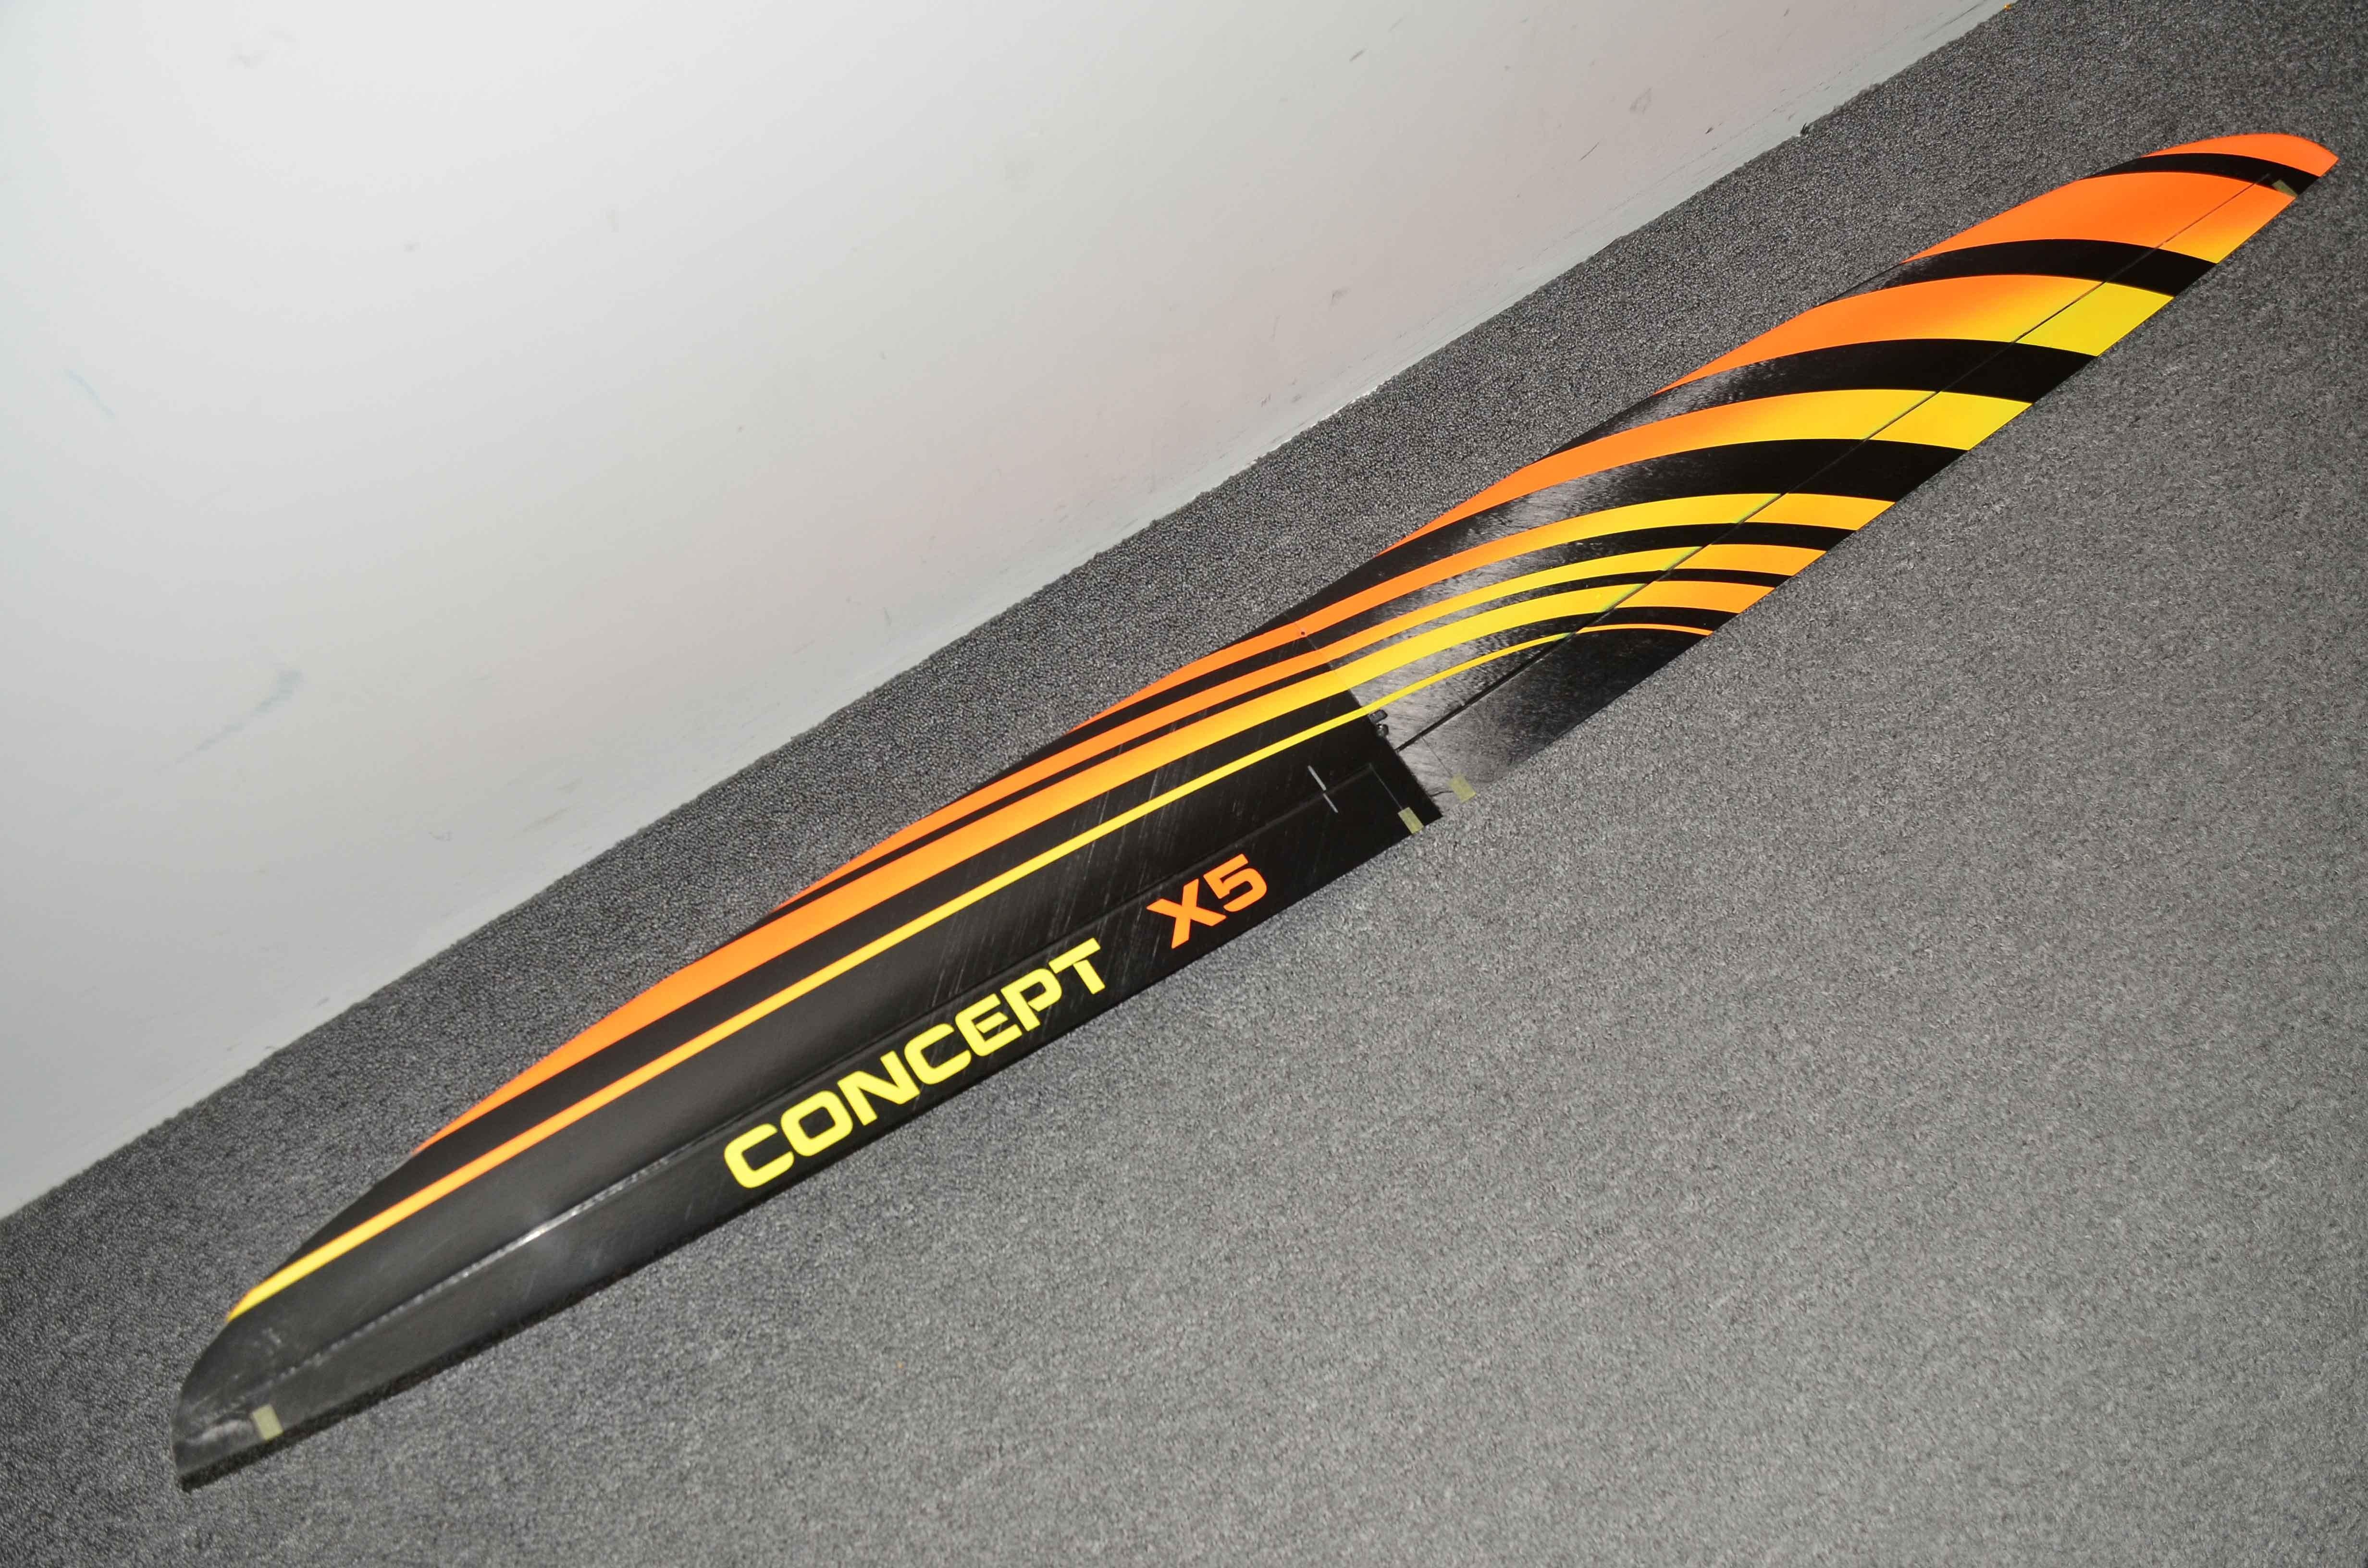 ROWING Concept CX5 Pro - Orange Yellow